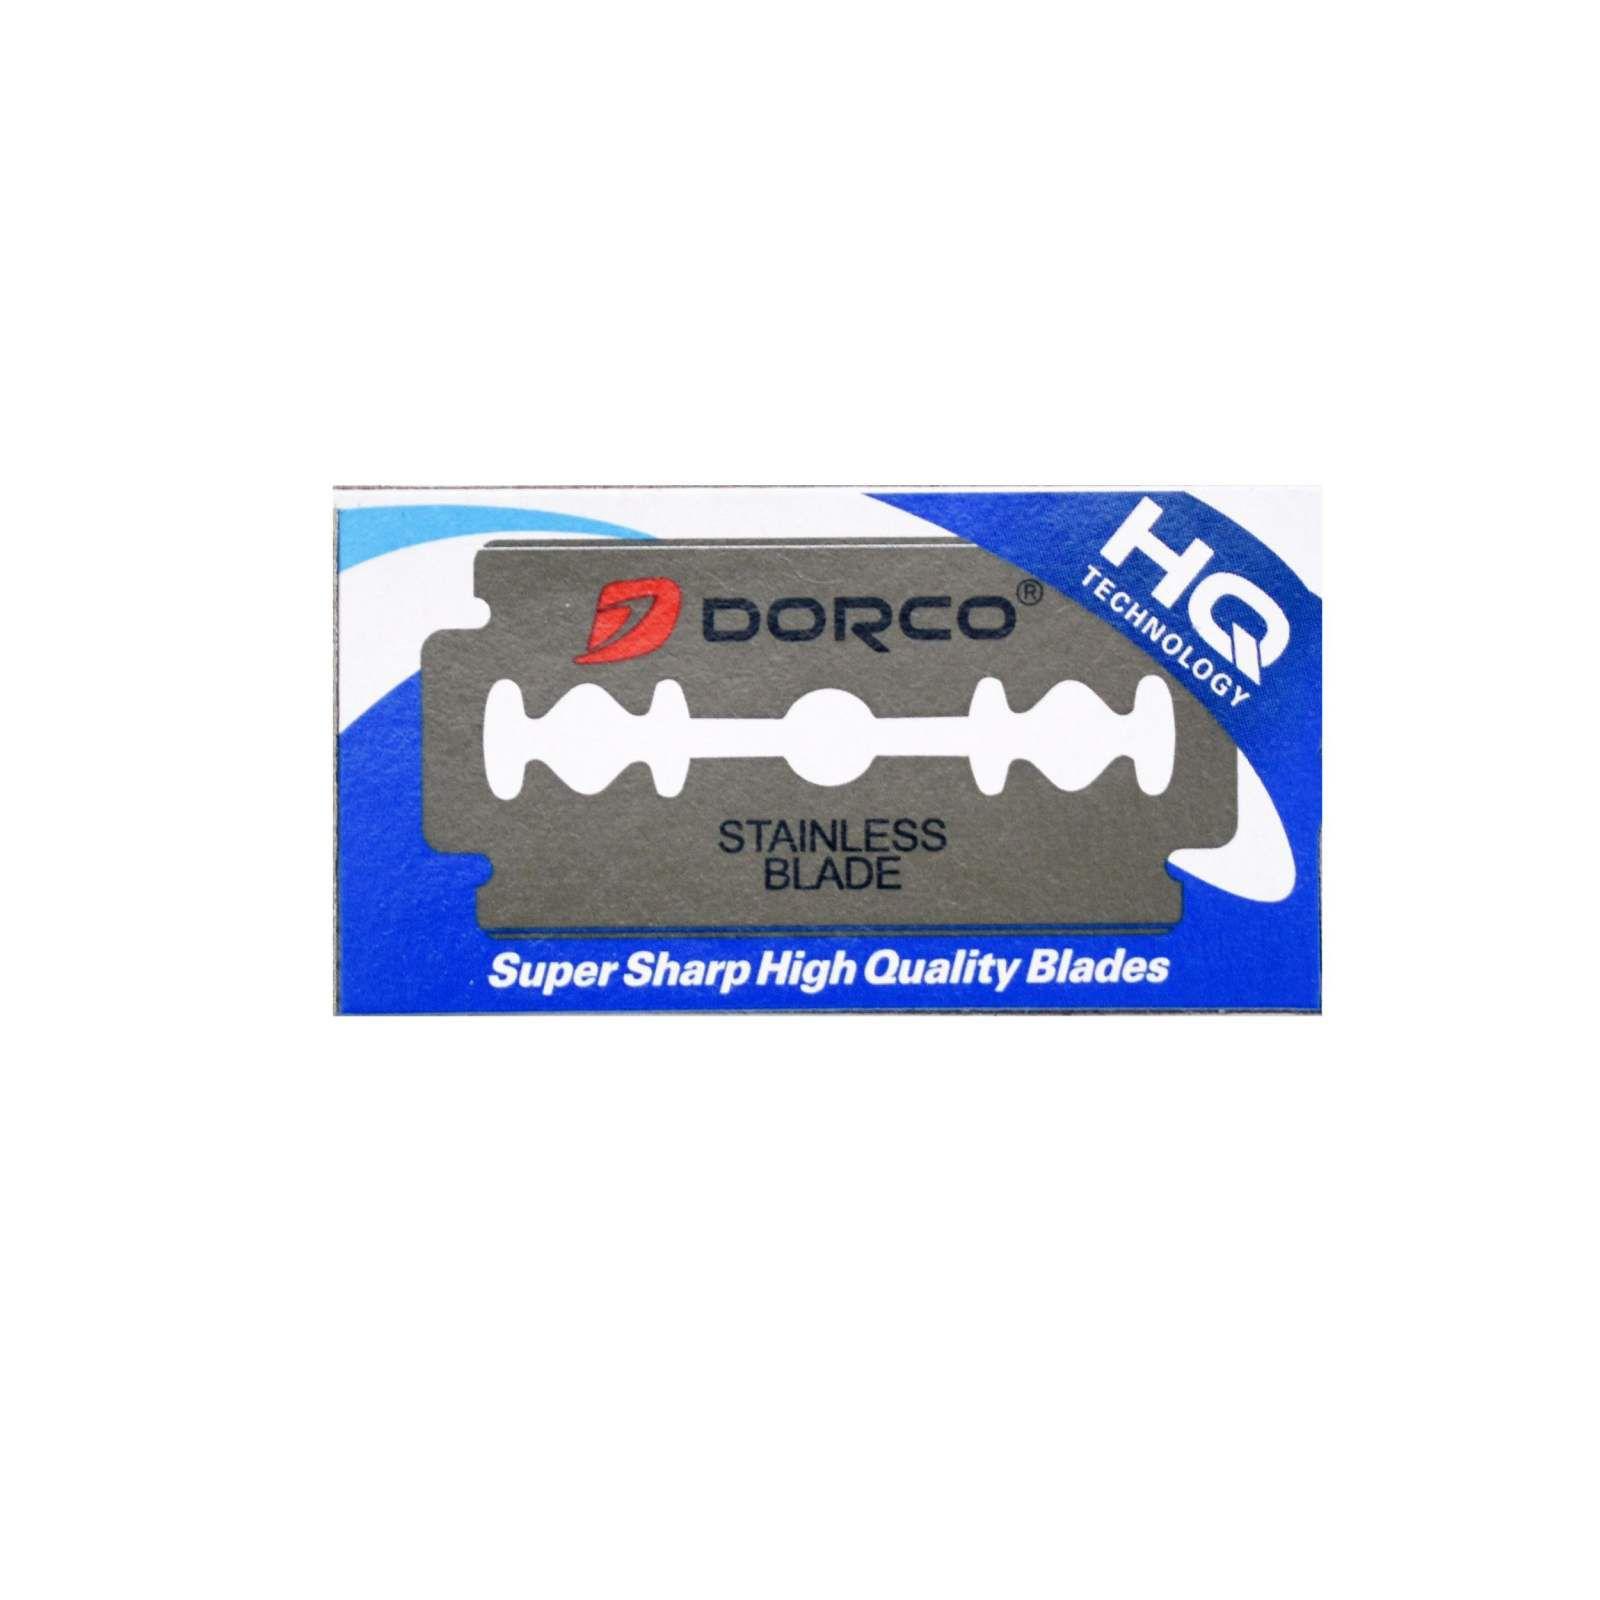 تیغ یدک دورکو مدل HQ-22 مجموعه 7 عددی -  - 3